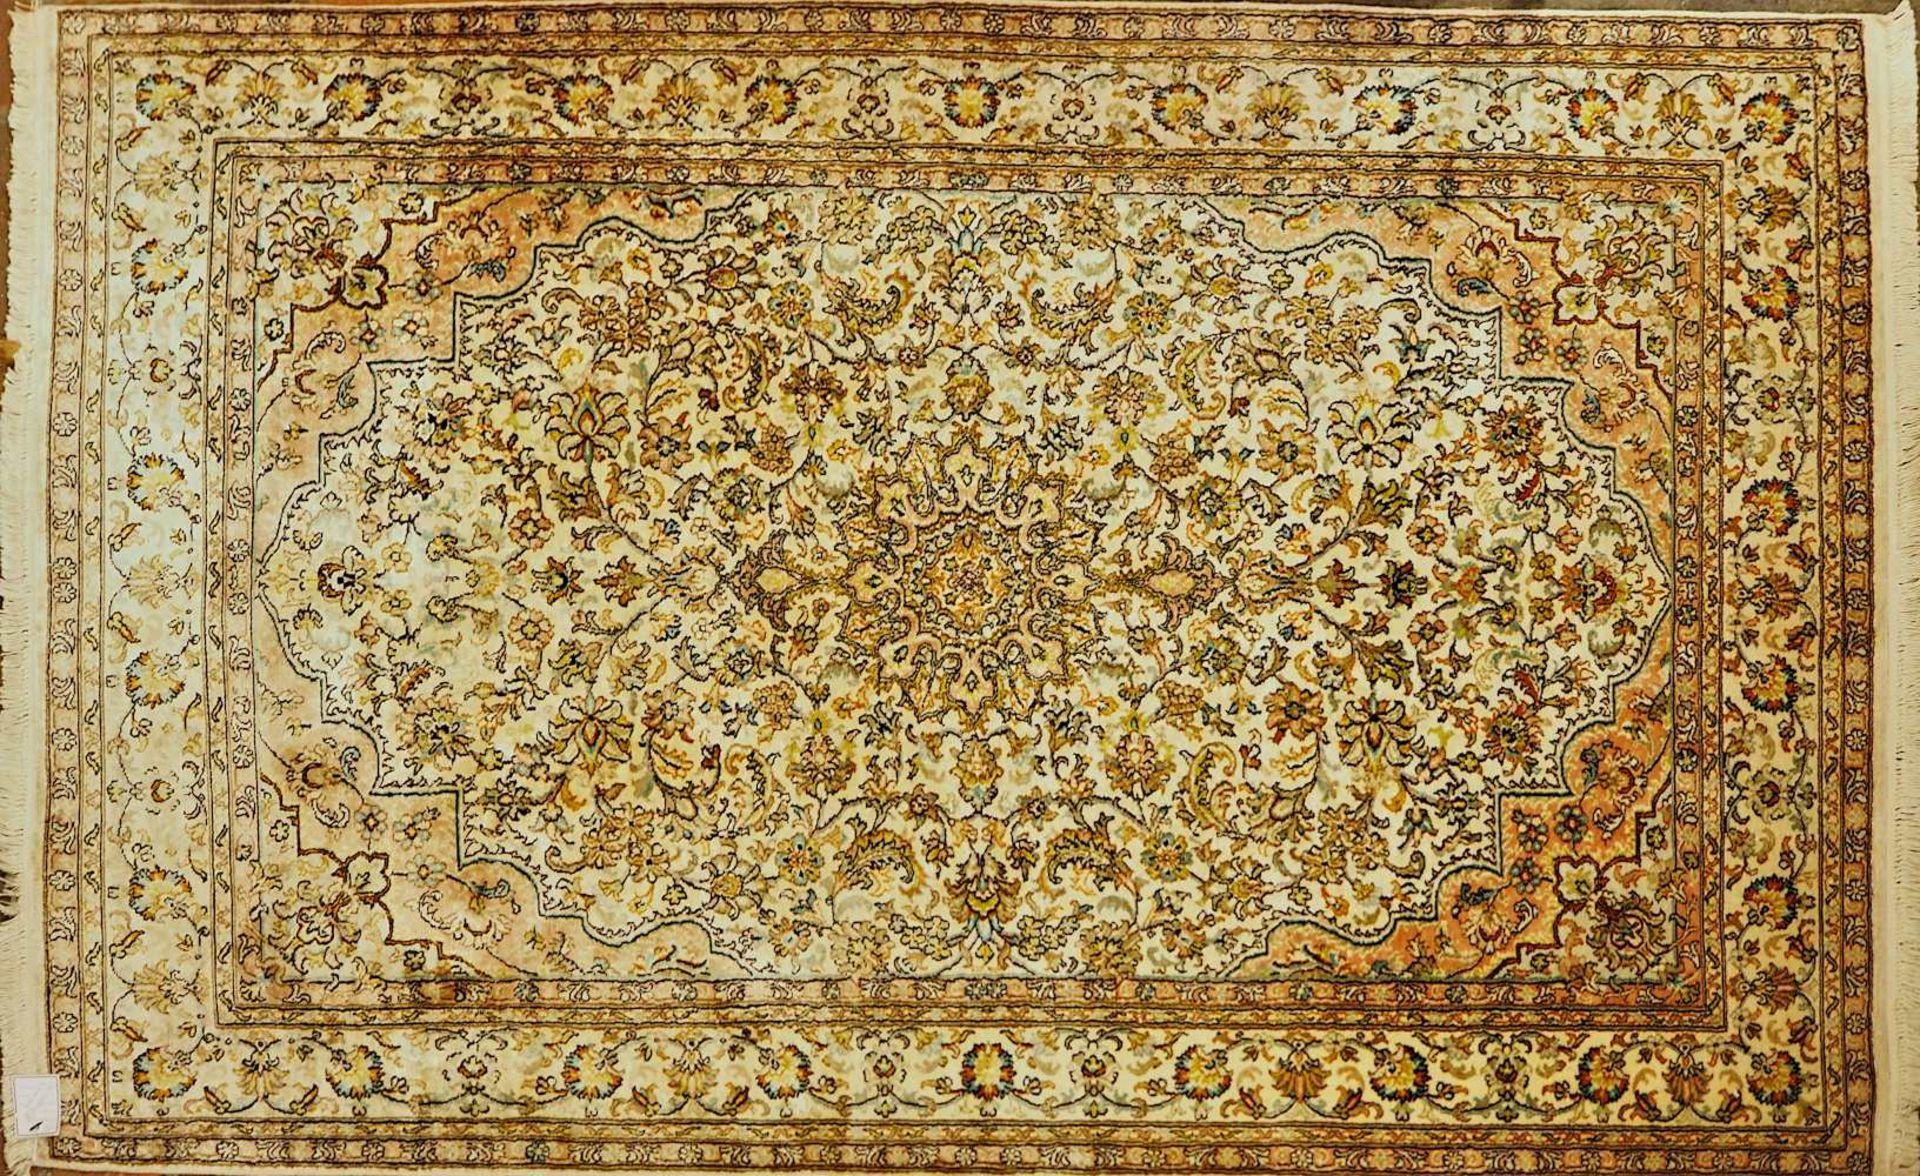 1 Orientgalerie Iran in Rosé-Tönen, 20. Jh. Mittelfeld mit Medaillonreihung und klei